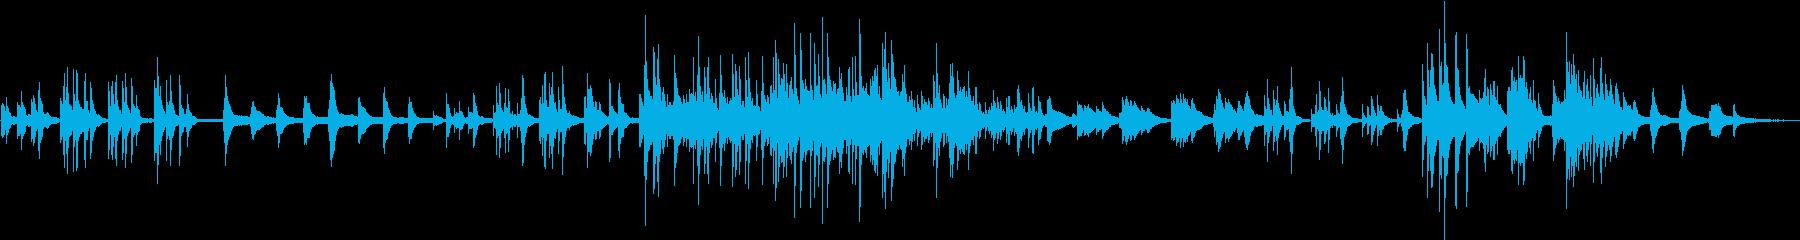 テンポの揺れる切ない感じのピアノソロの再生済みの波形